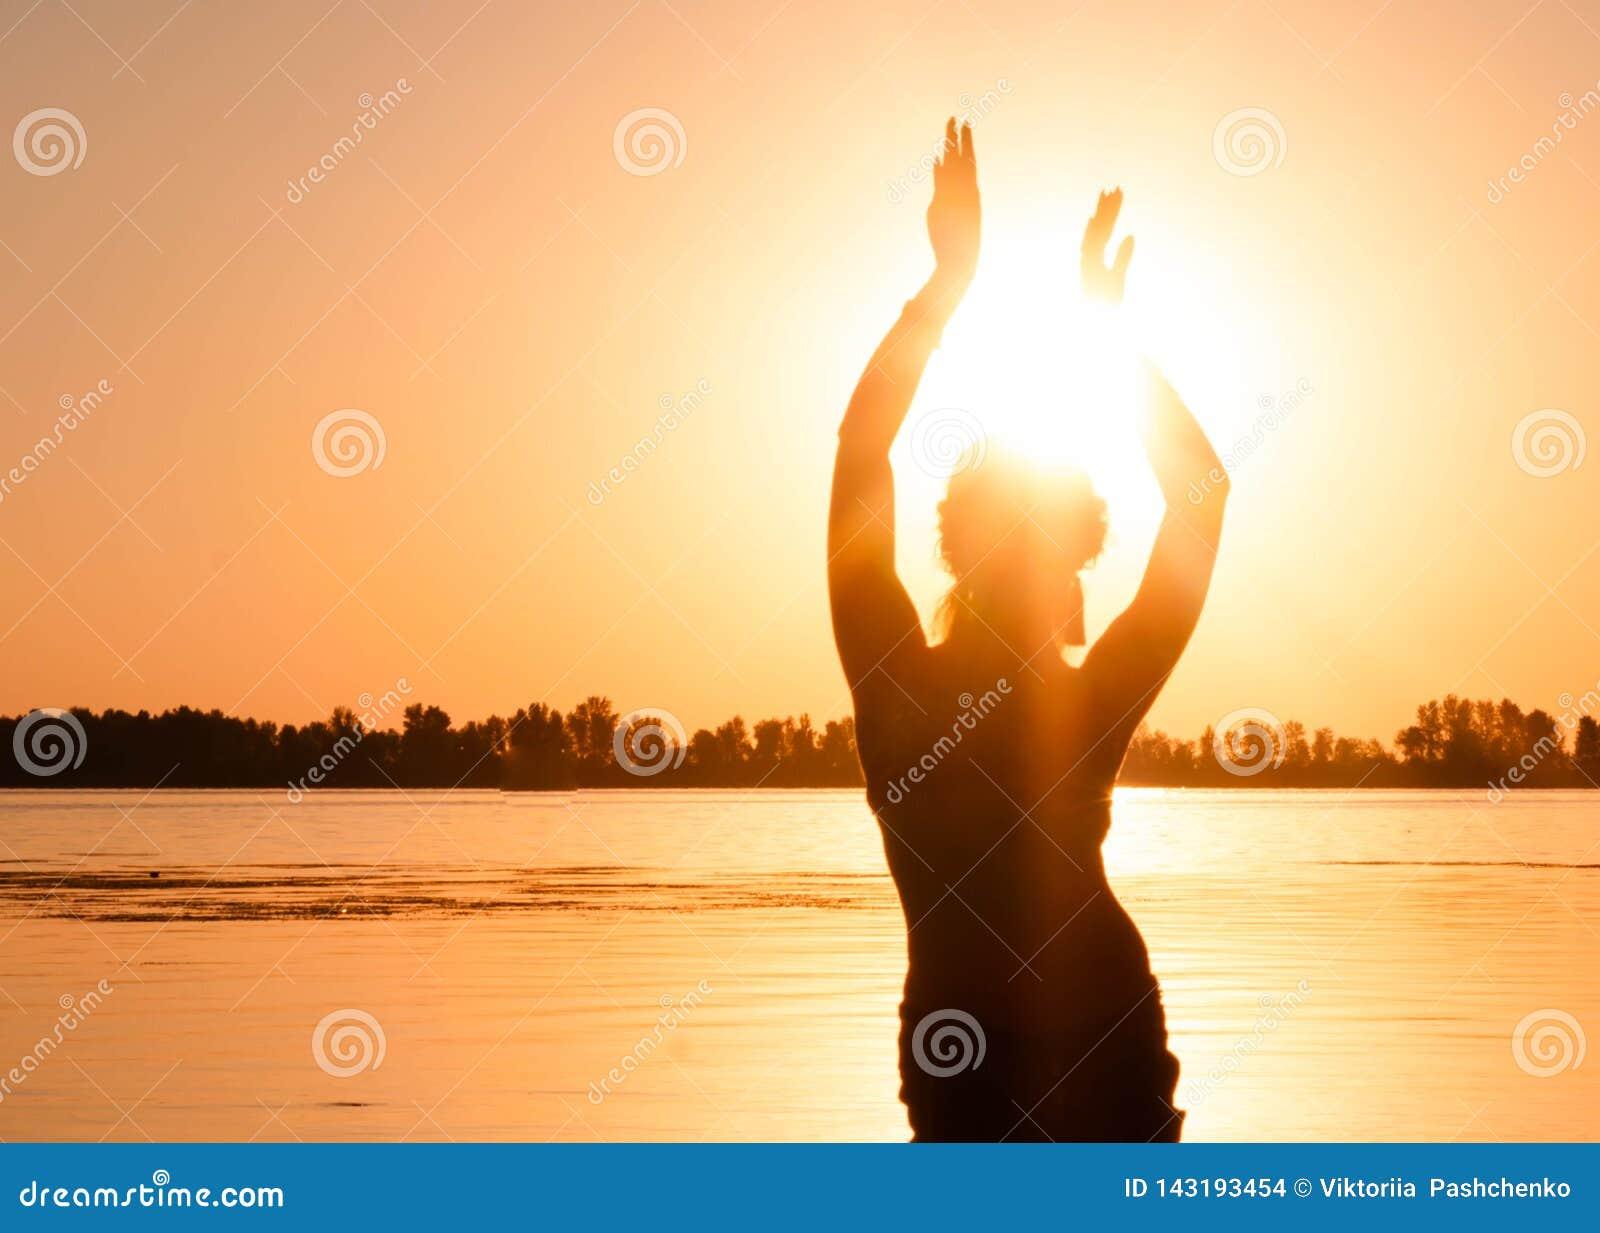 Silhouet van slanke vrouw het dansen traditionele stammenbuikdans op strand bij zonsopgang